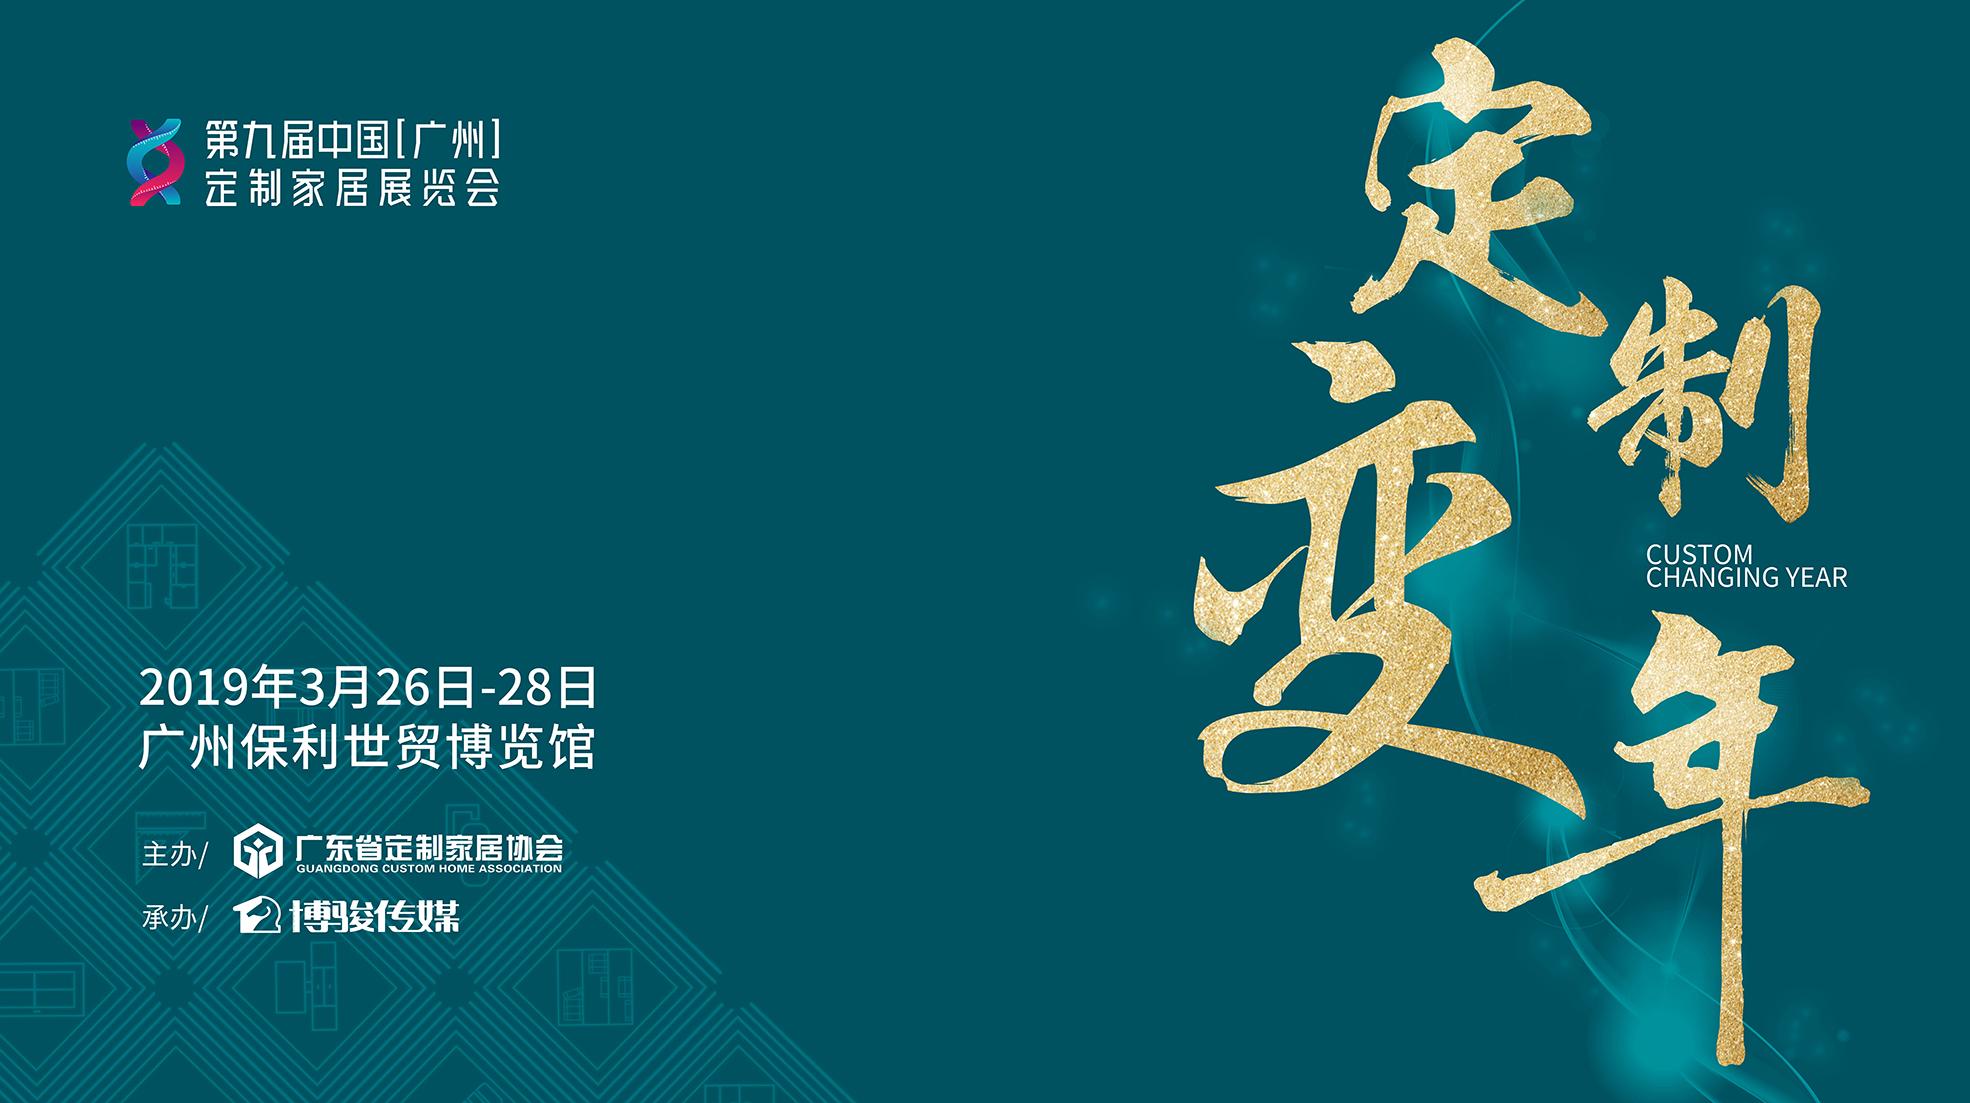 【展讯】广州定制家居展看点剧透④:8大主题活动,总有